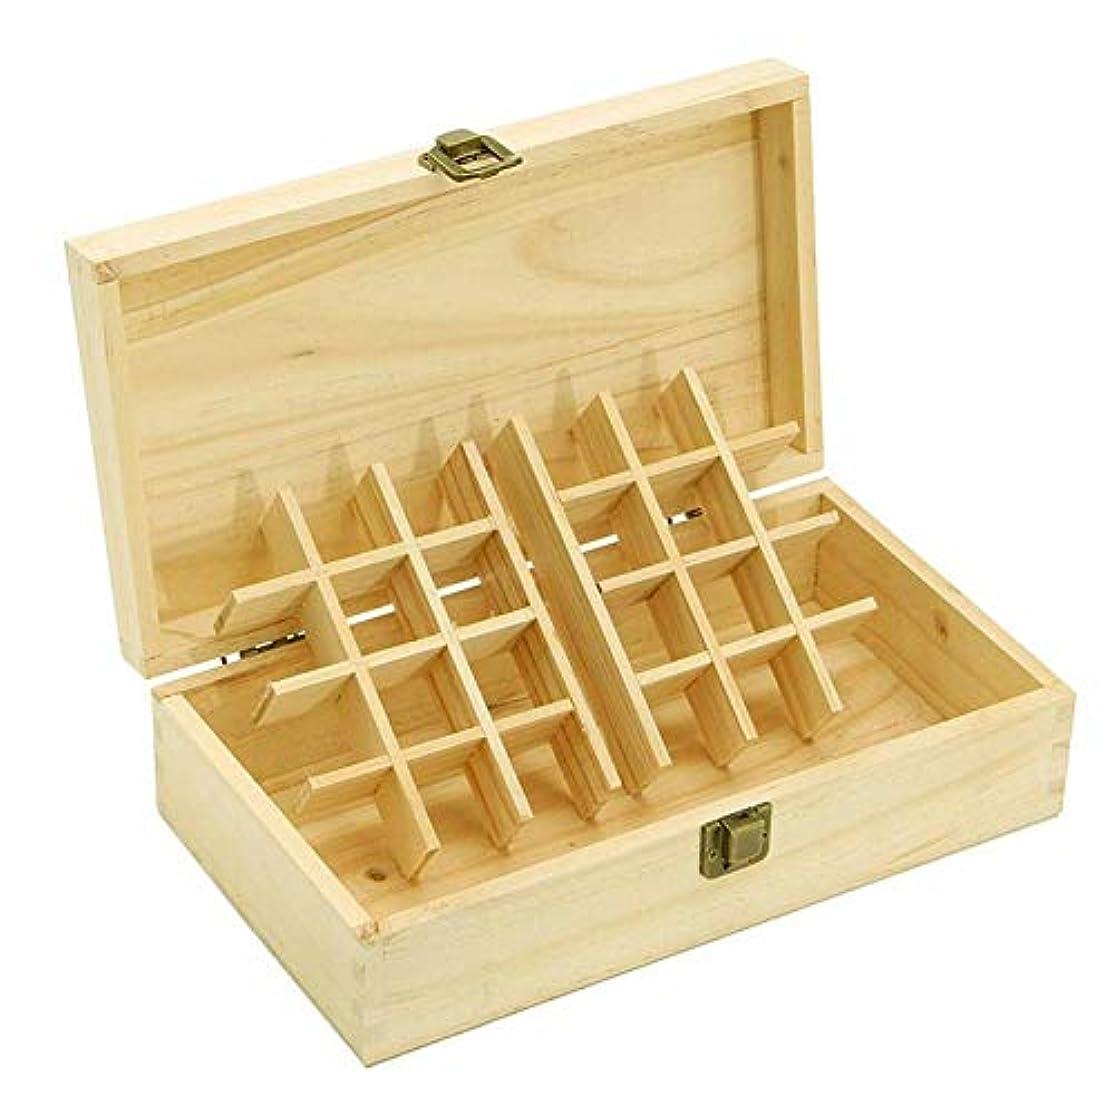 野なスイング意識エッセンシャルオイル収納ボックス 純木の精油の収納箱 香水収納ケース アロマオイル収納ボックス